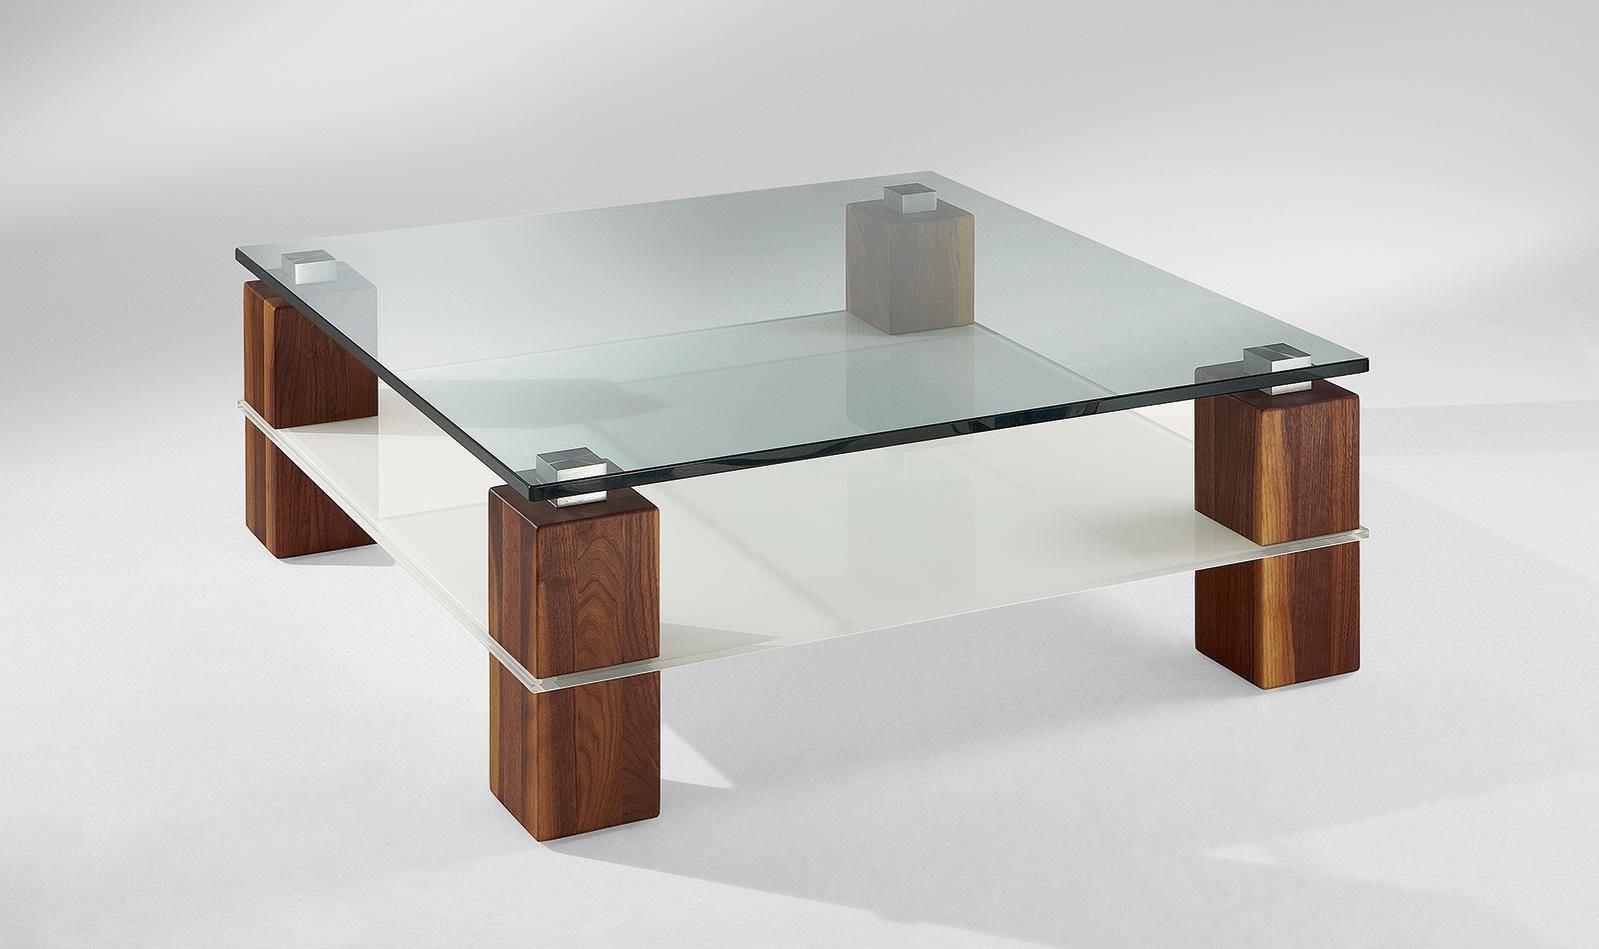 Couchtisch glas holz quadratisch  Moderner Couchtisch / Glas / Massivholz / quadratisch - 4313 ...